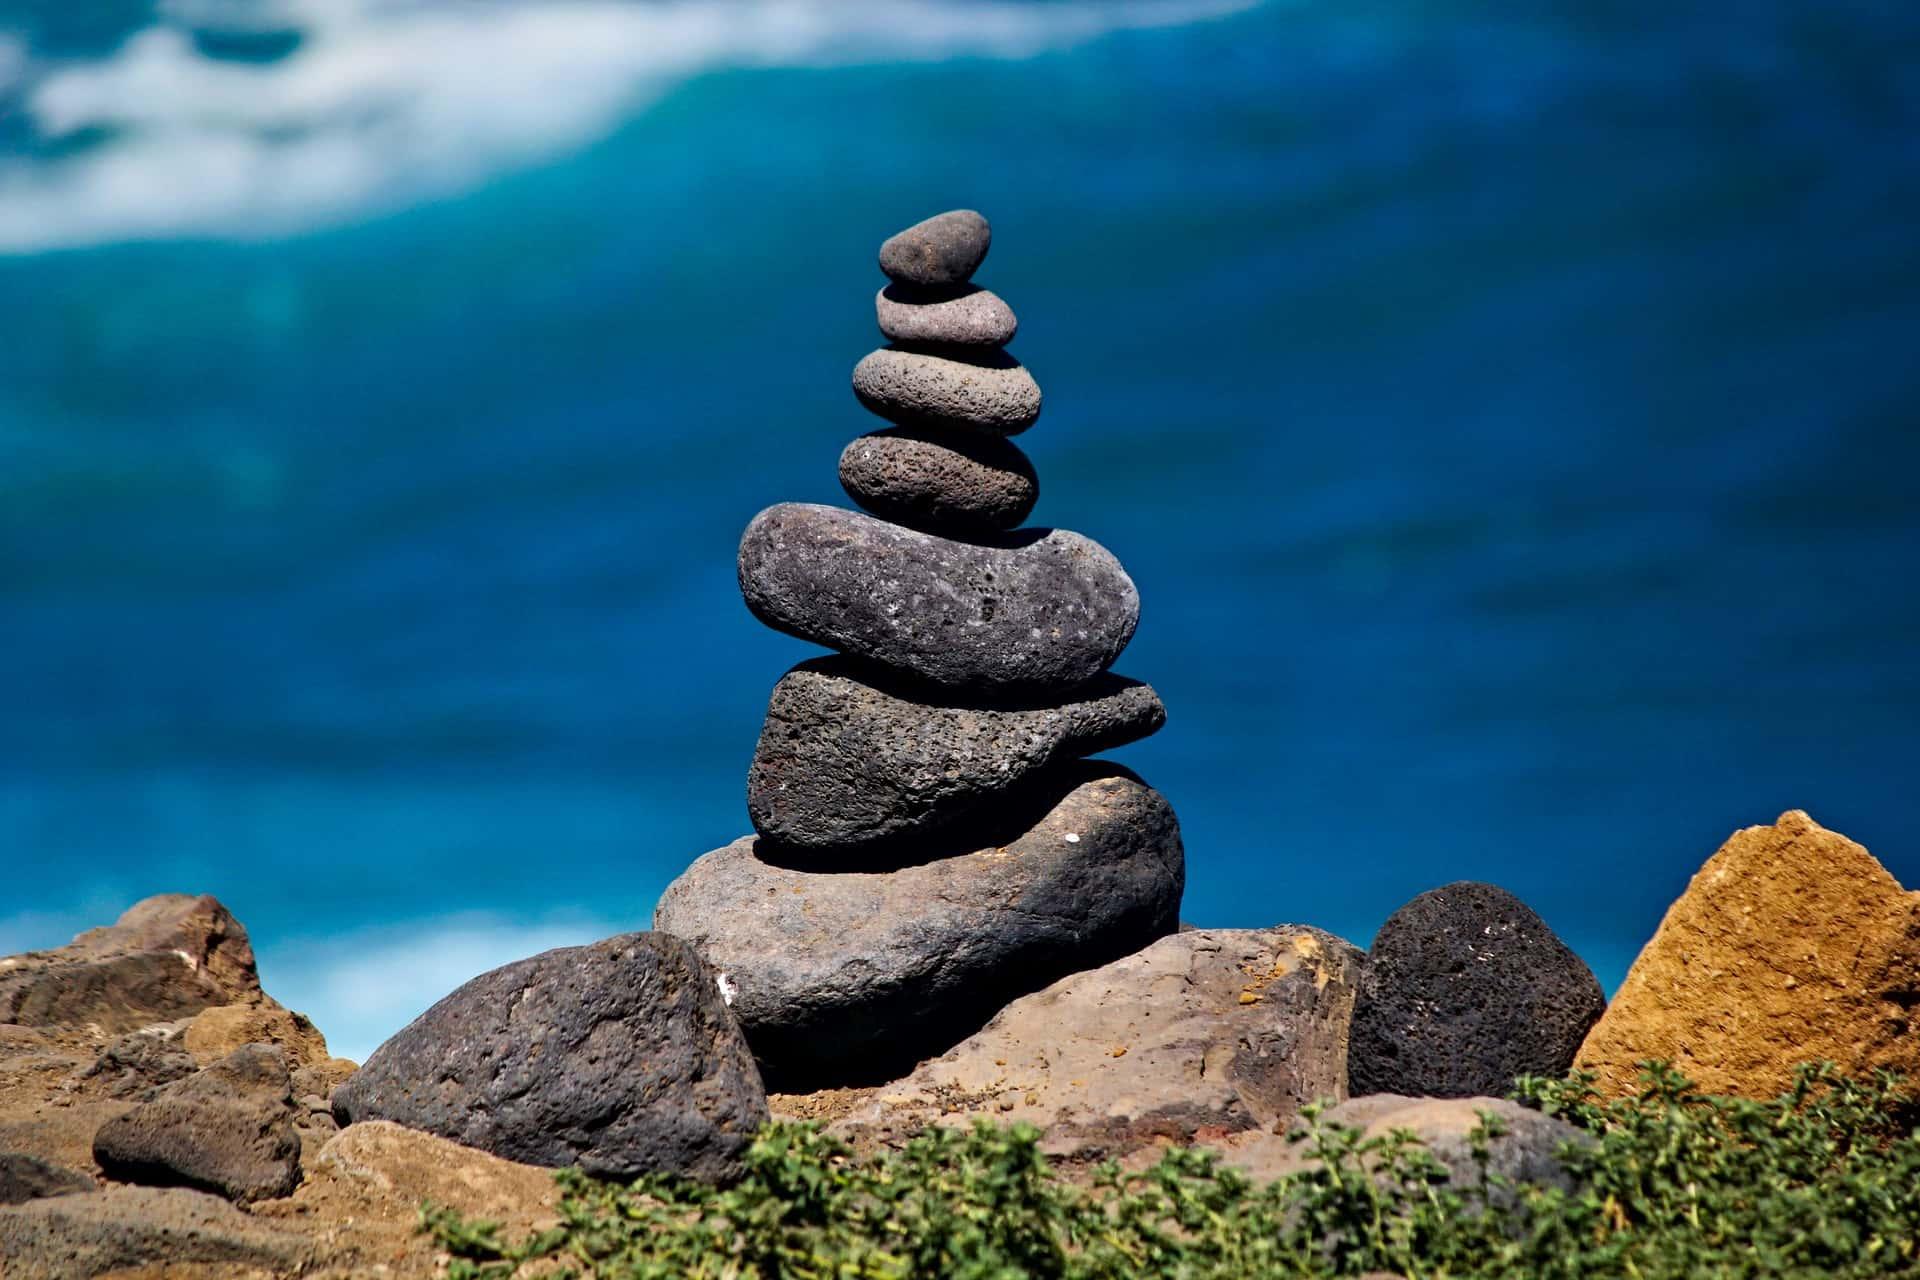 equilibrio-unsplash